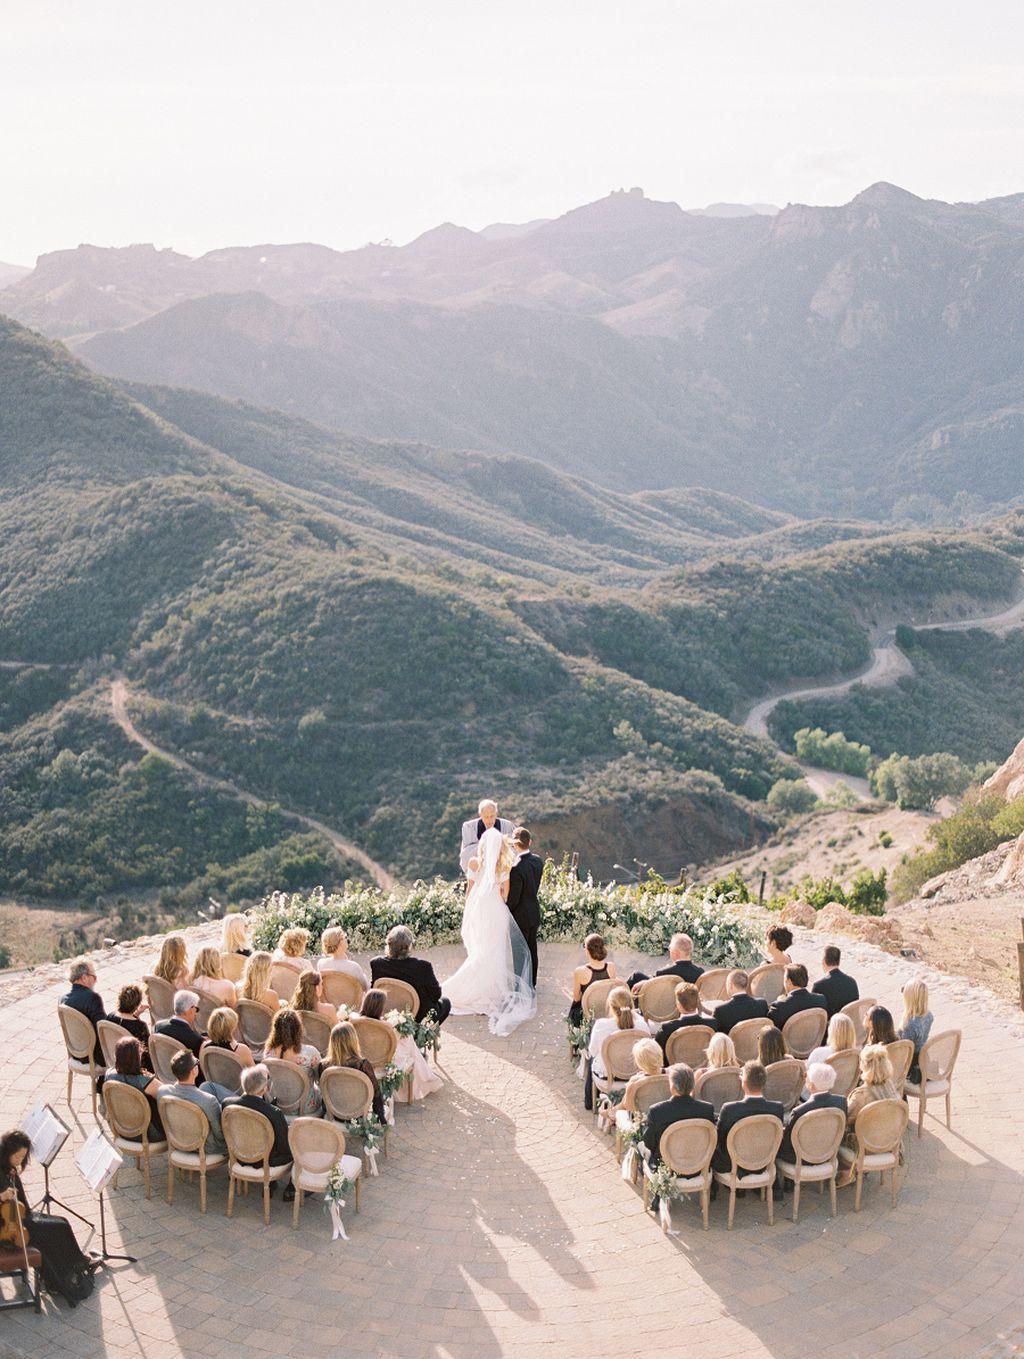 Great 70+ Ideas an Intimate Wedding https://weddmagz.com/70-ideas-an ...